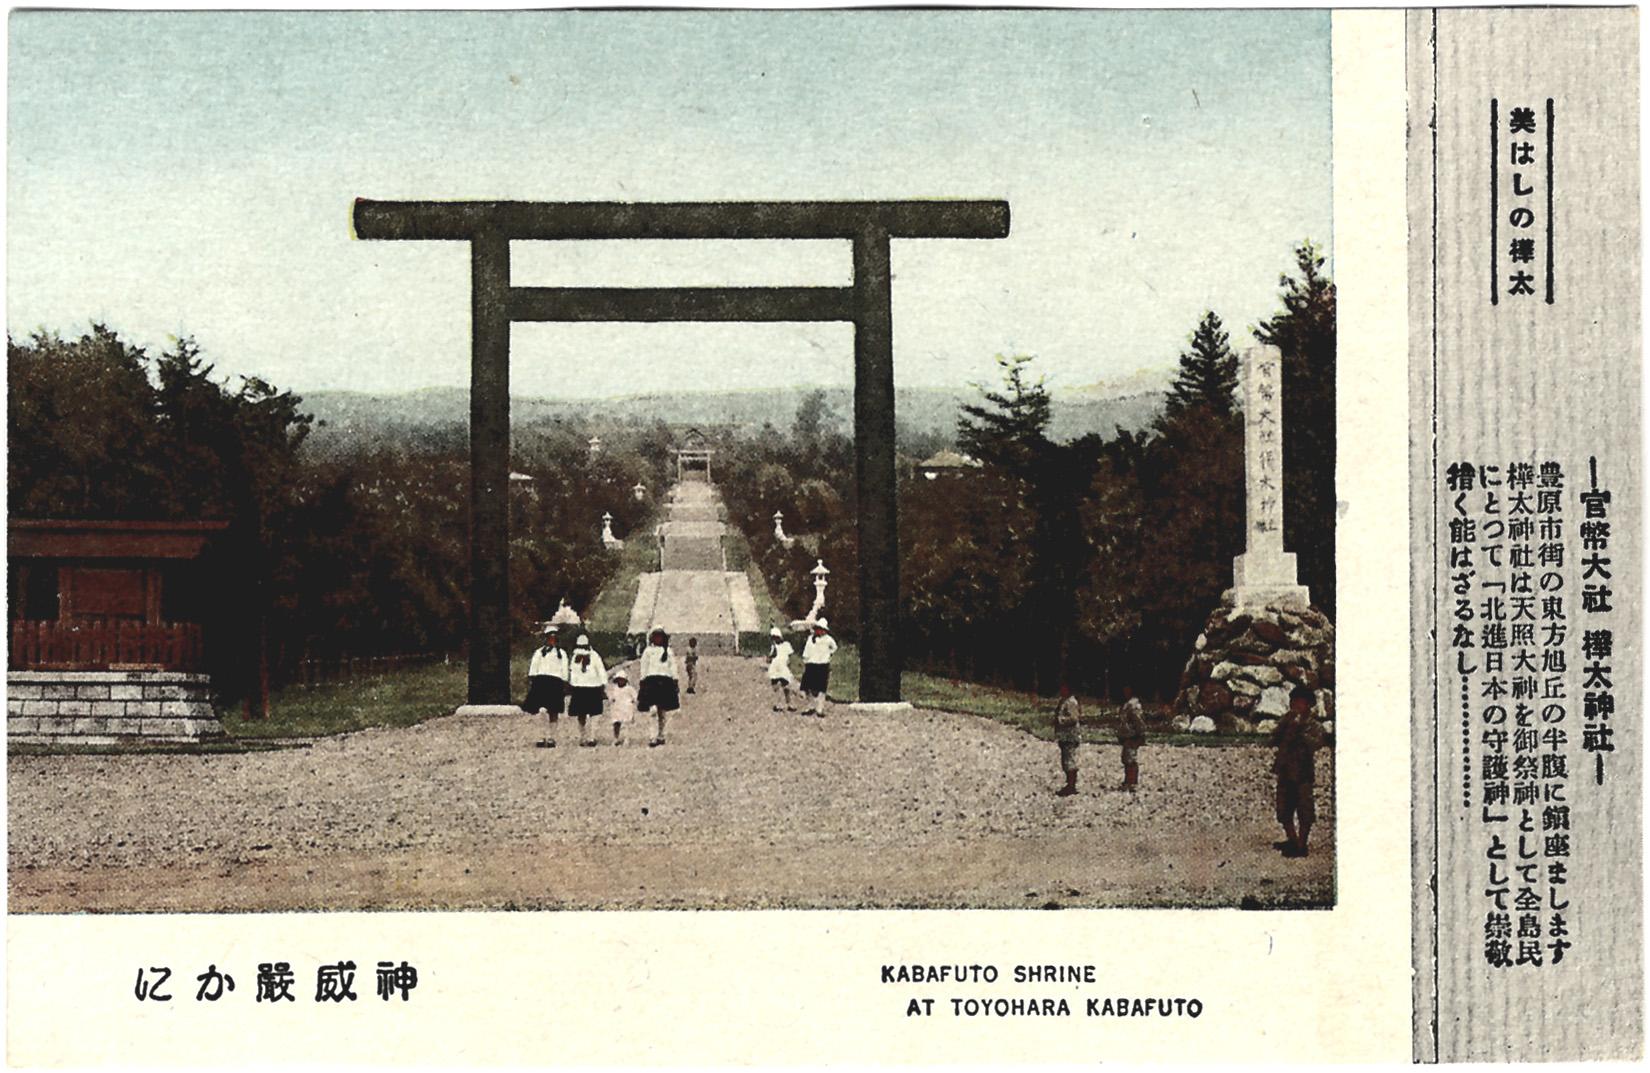 Вход в Карафуто Дзинзя.